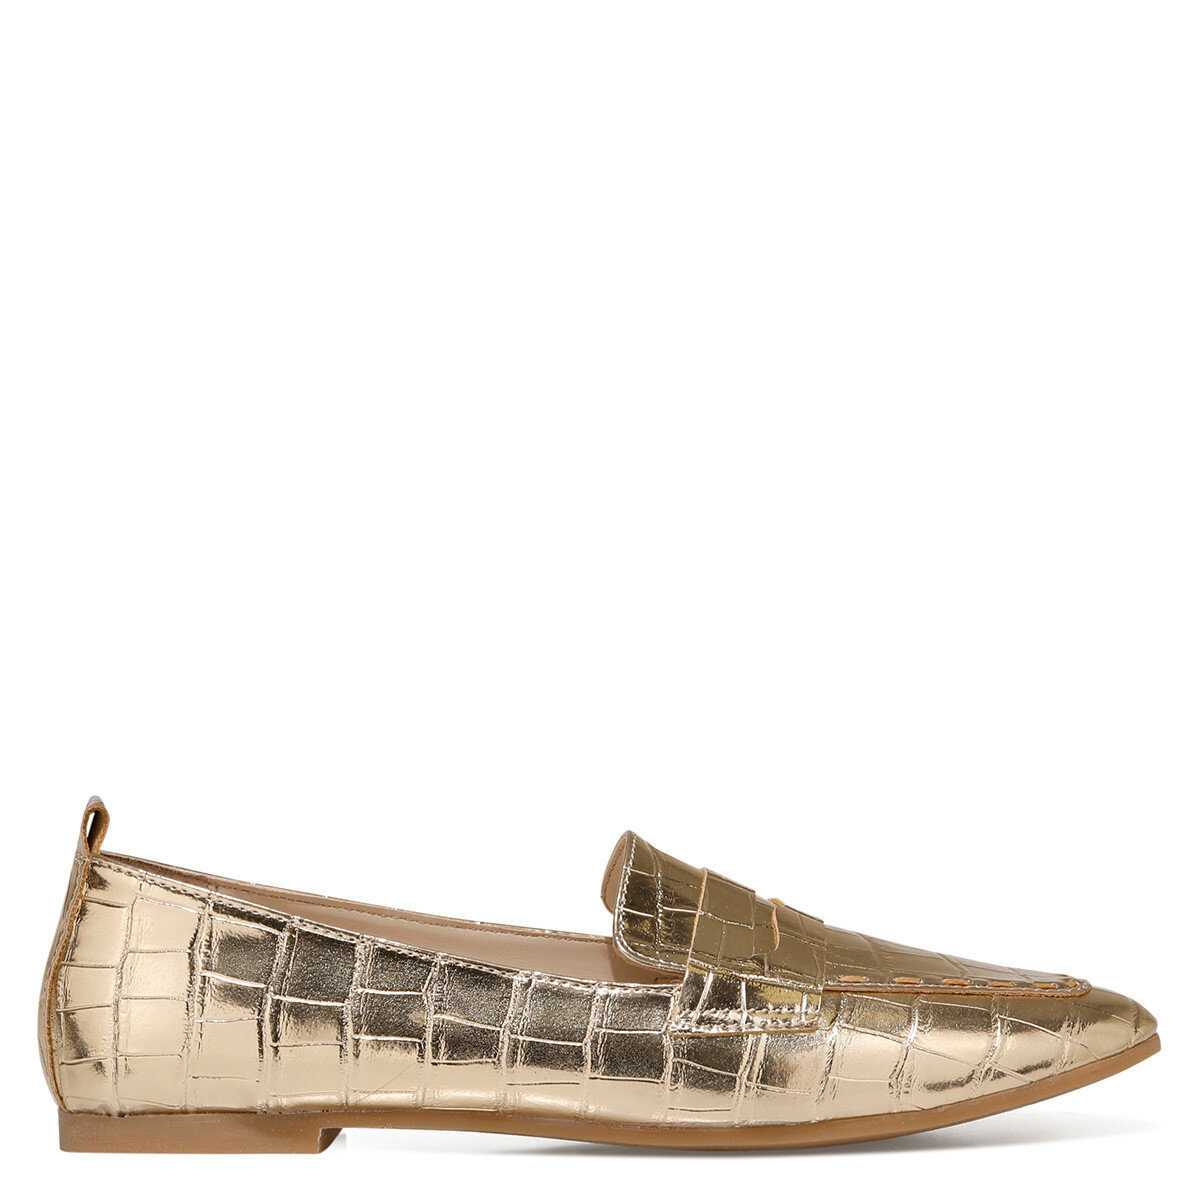 LEFUR2 Altın Kadın Loafer Ayakkabı